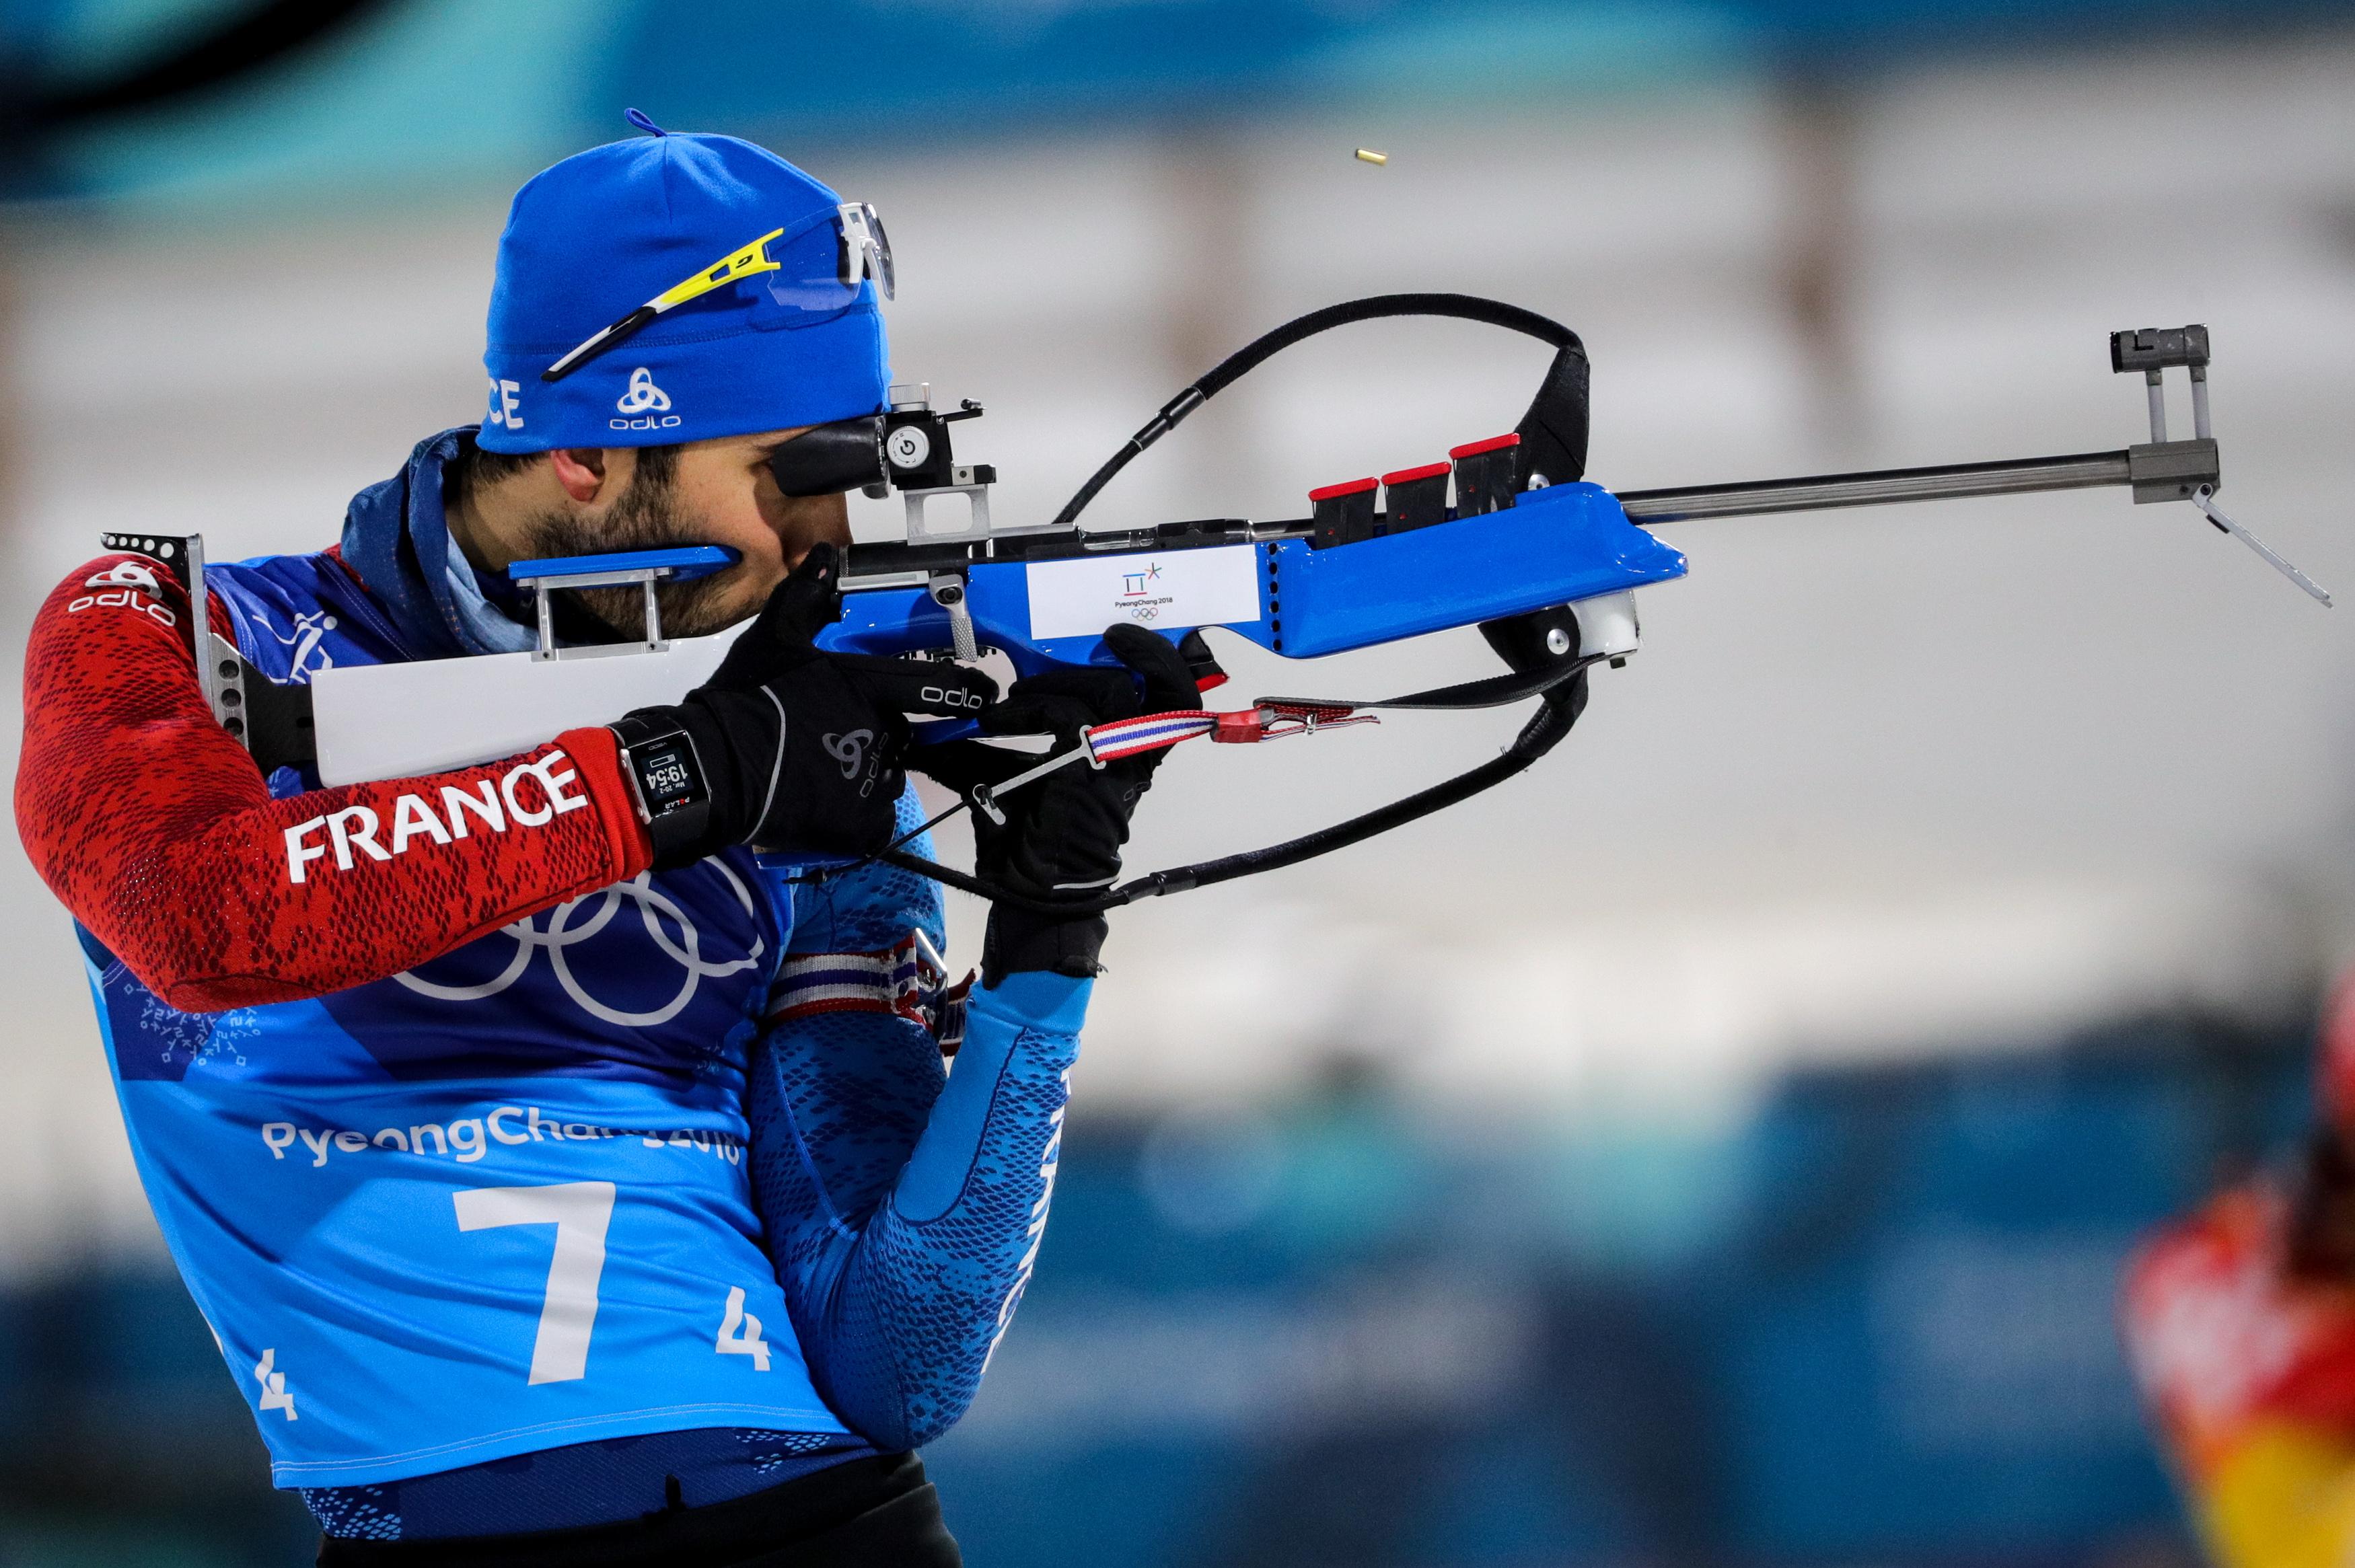 JO 2018   Comment Martin Fourcade est vu ... dans le monde entier -  Pyeongchang 2018 - Jeux olympiques e86a3243f356